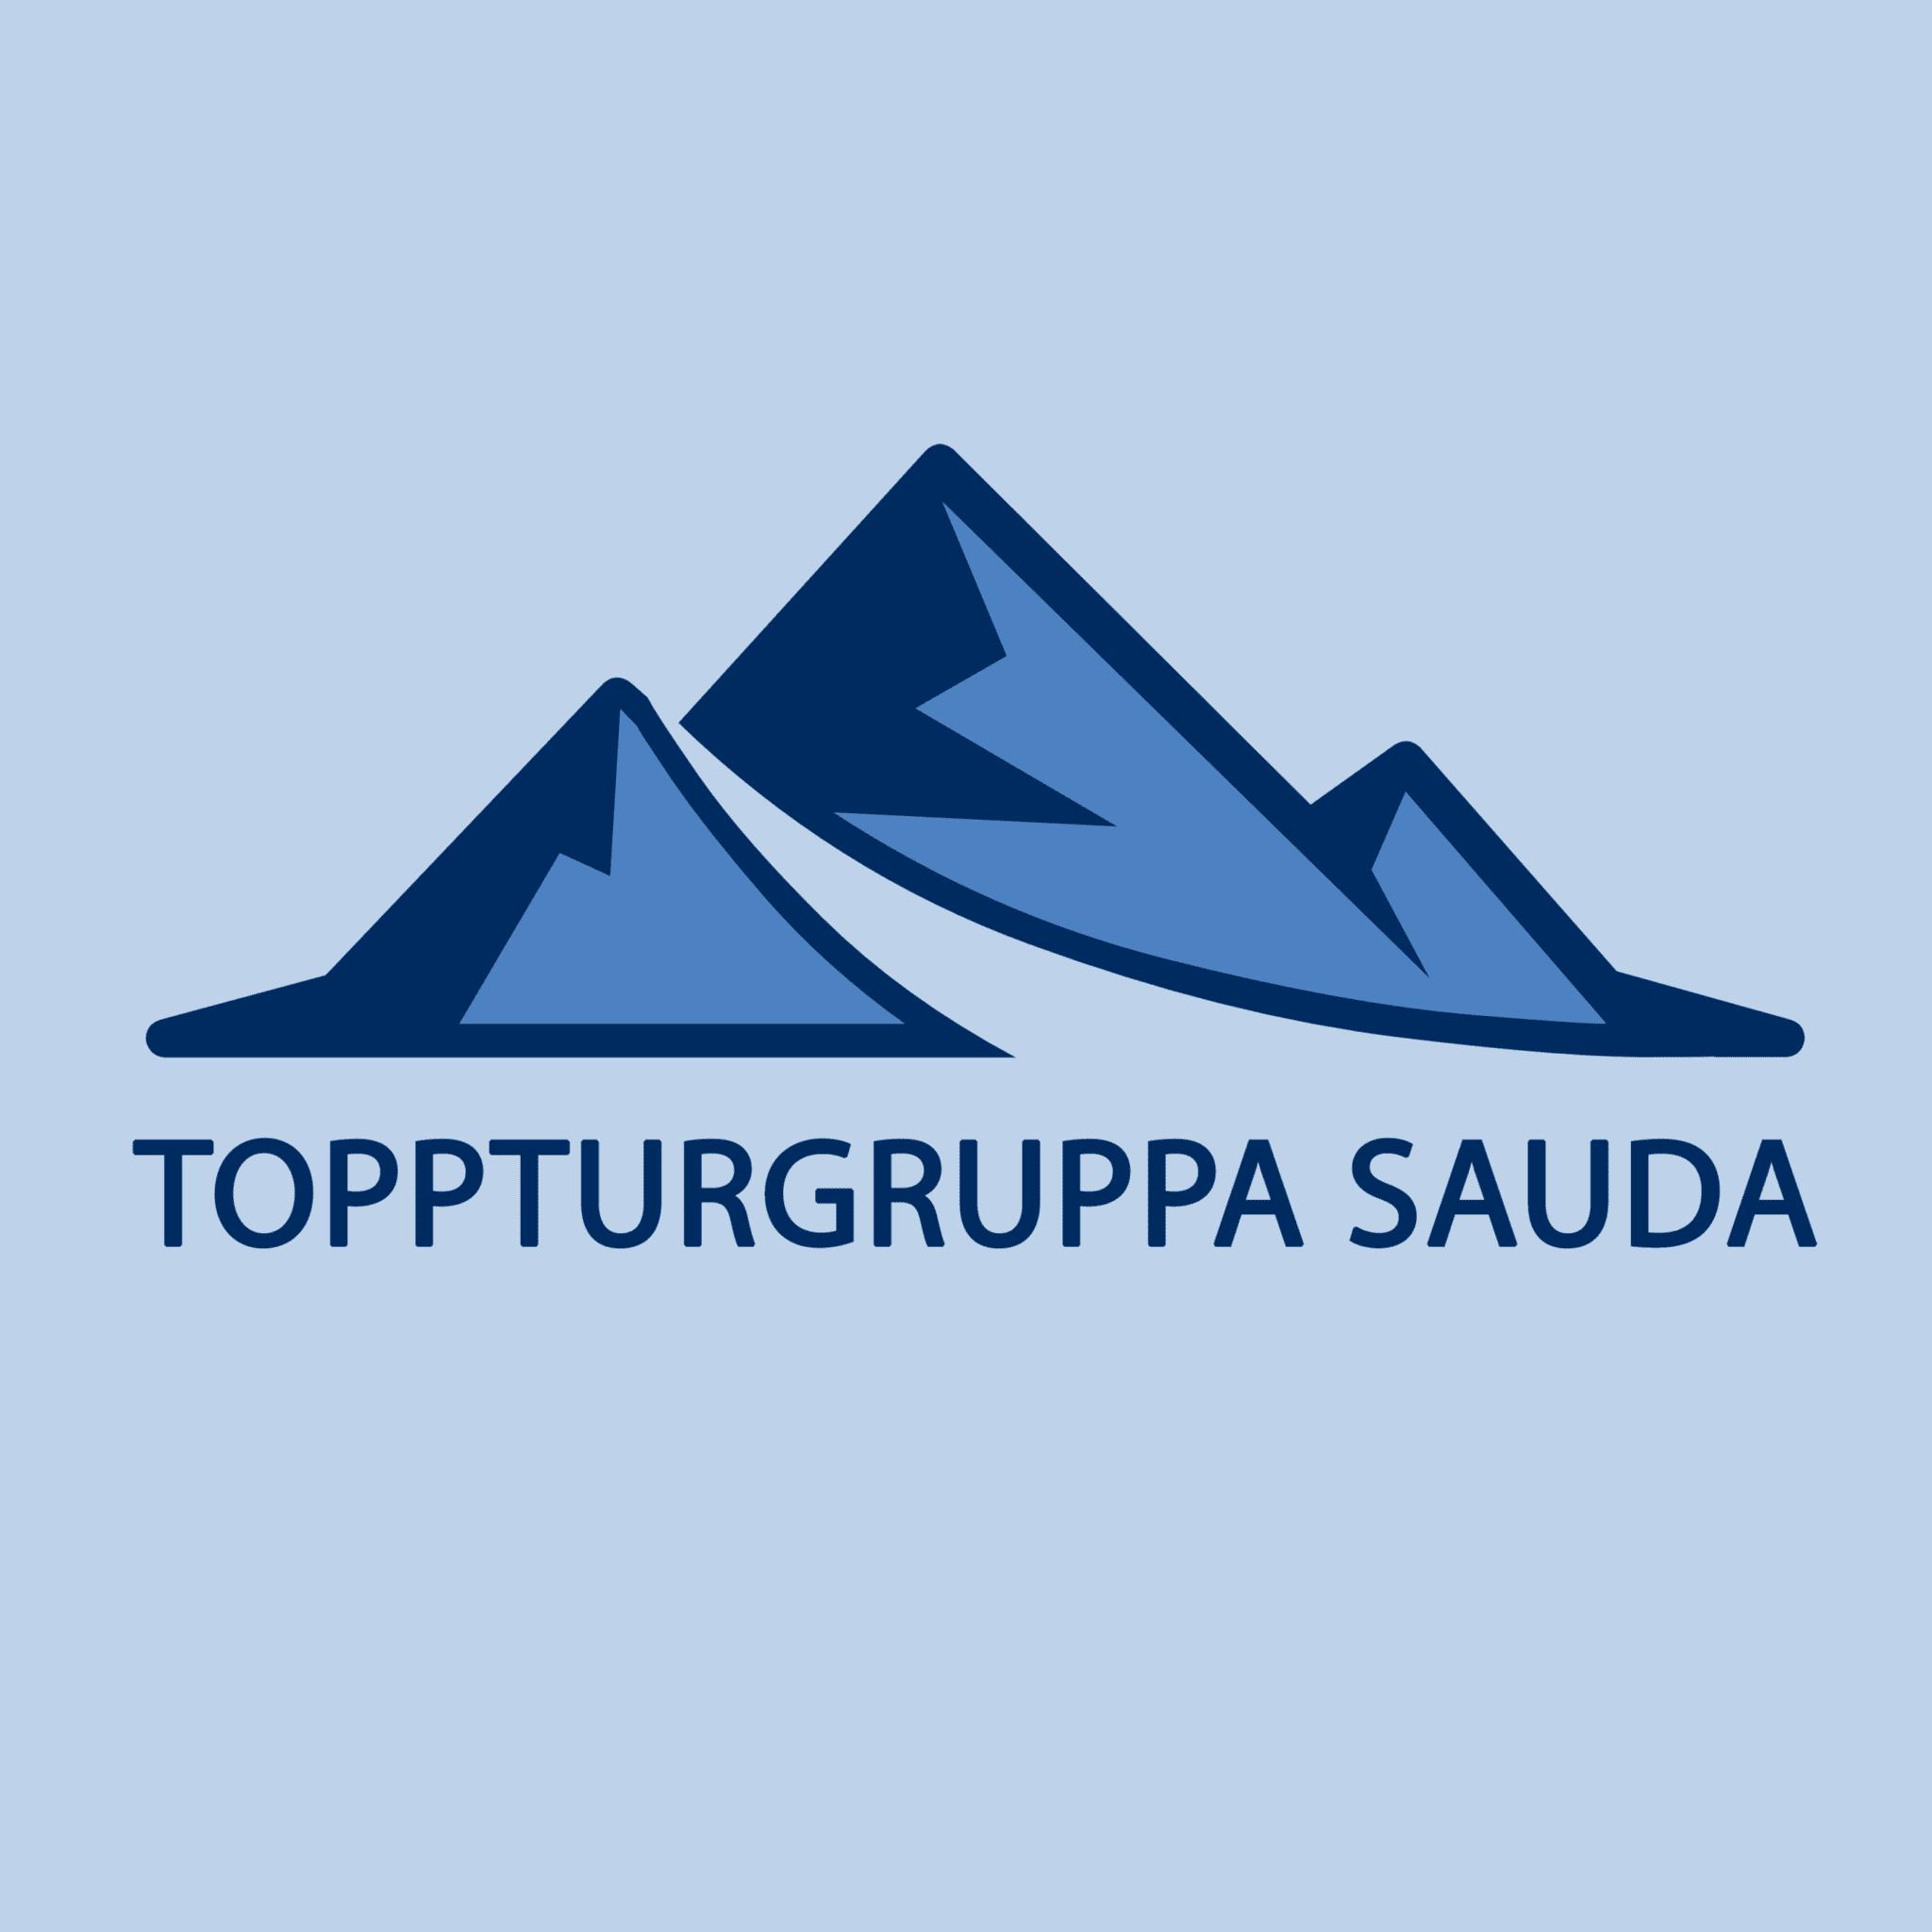 Logo til Toppturgruppa Sauda